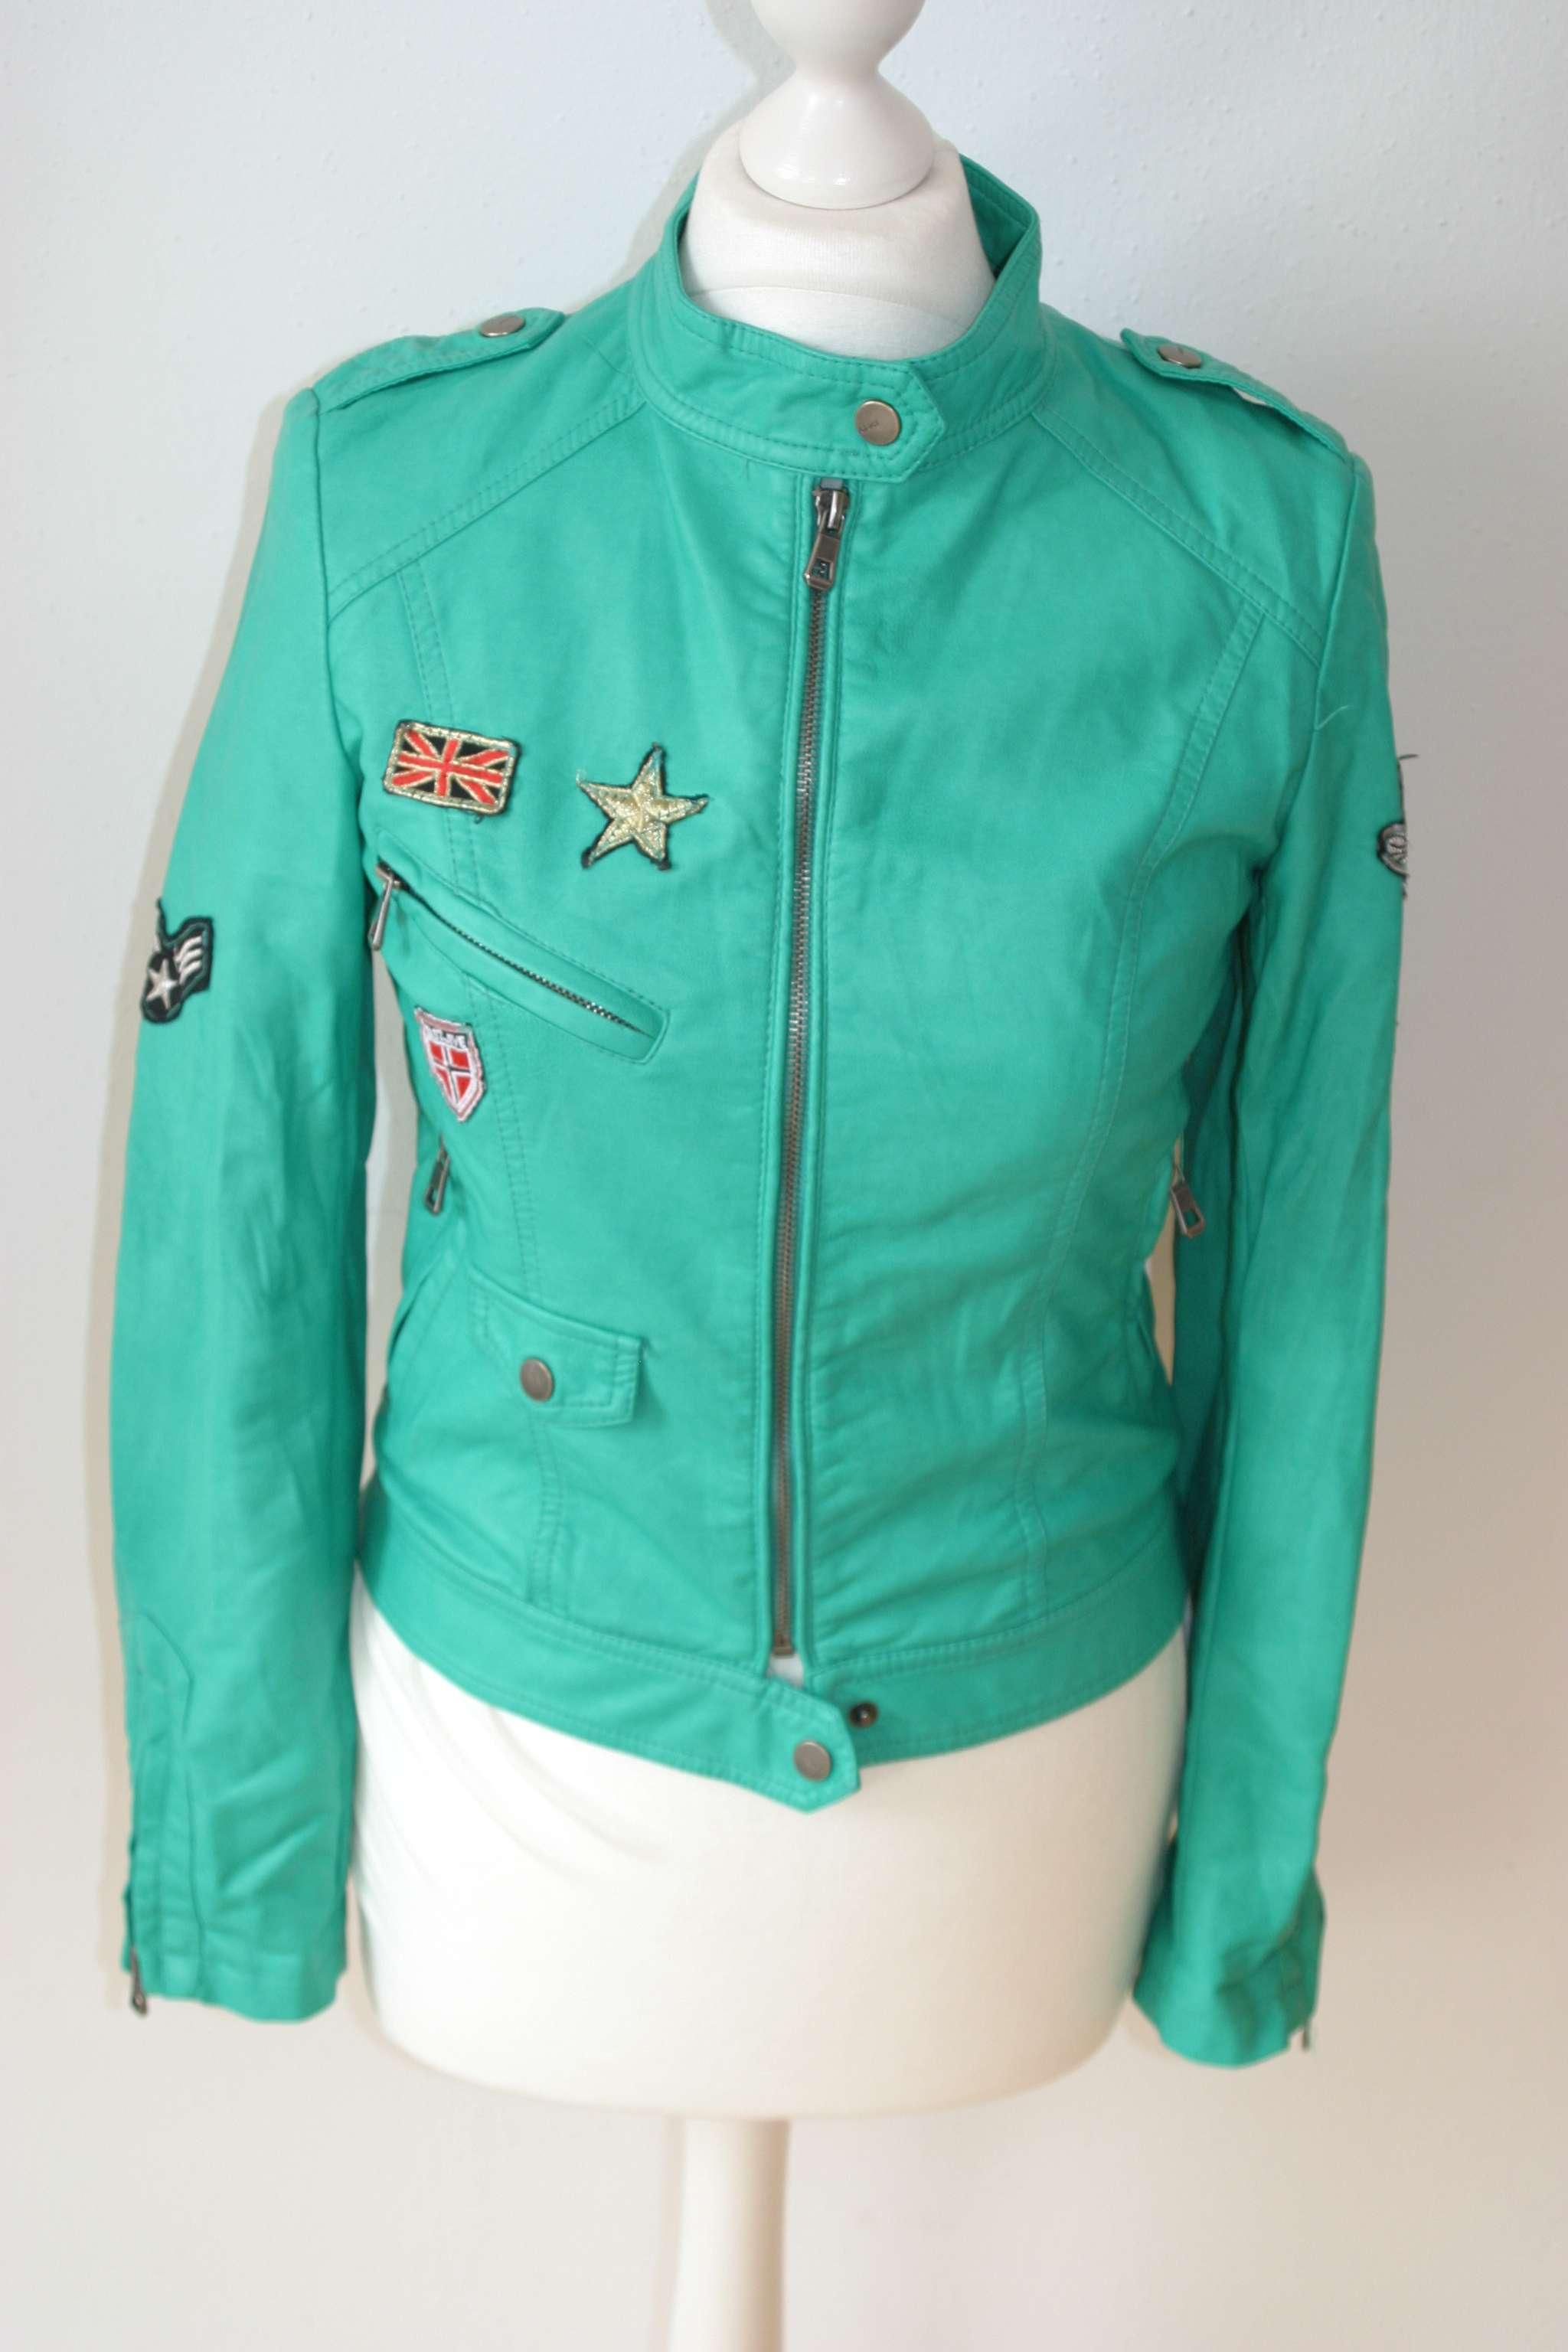 SOFTY OUTERWEAR Jacke in Leder-Optik Bikerjacke u00dcbergangsjacke gru00fcn Patches S 36 | eBay